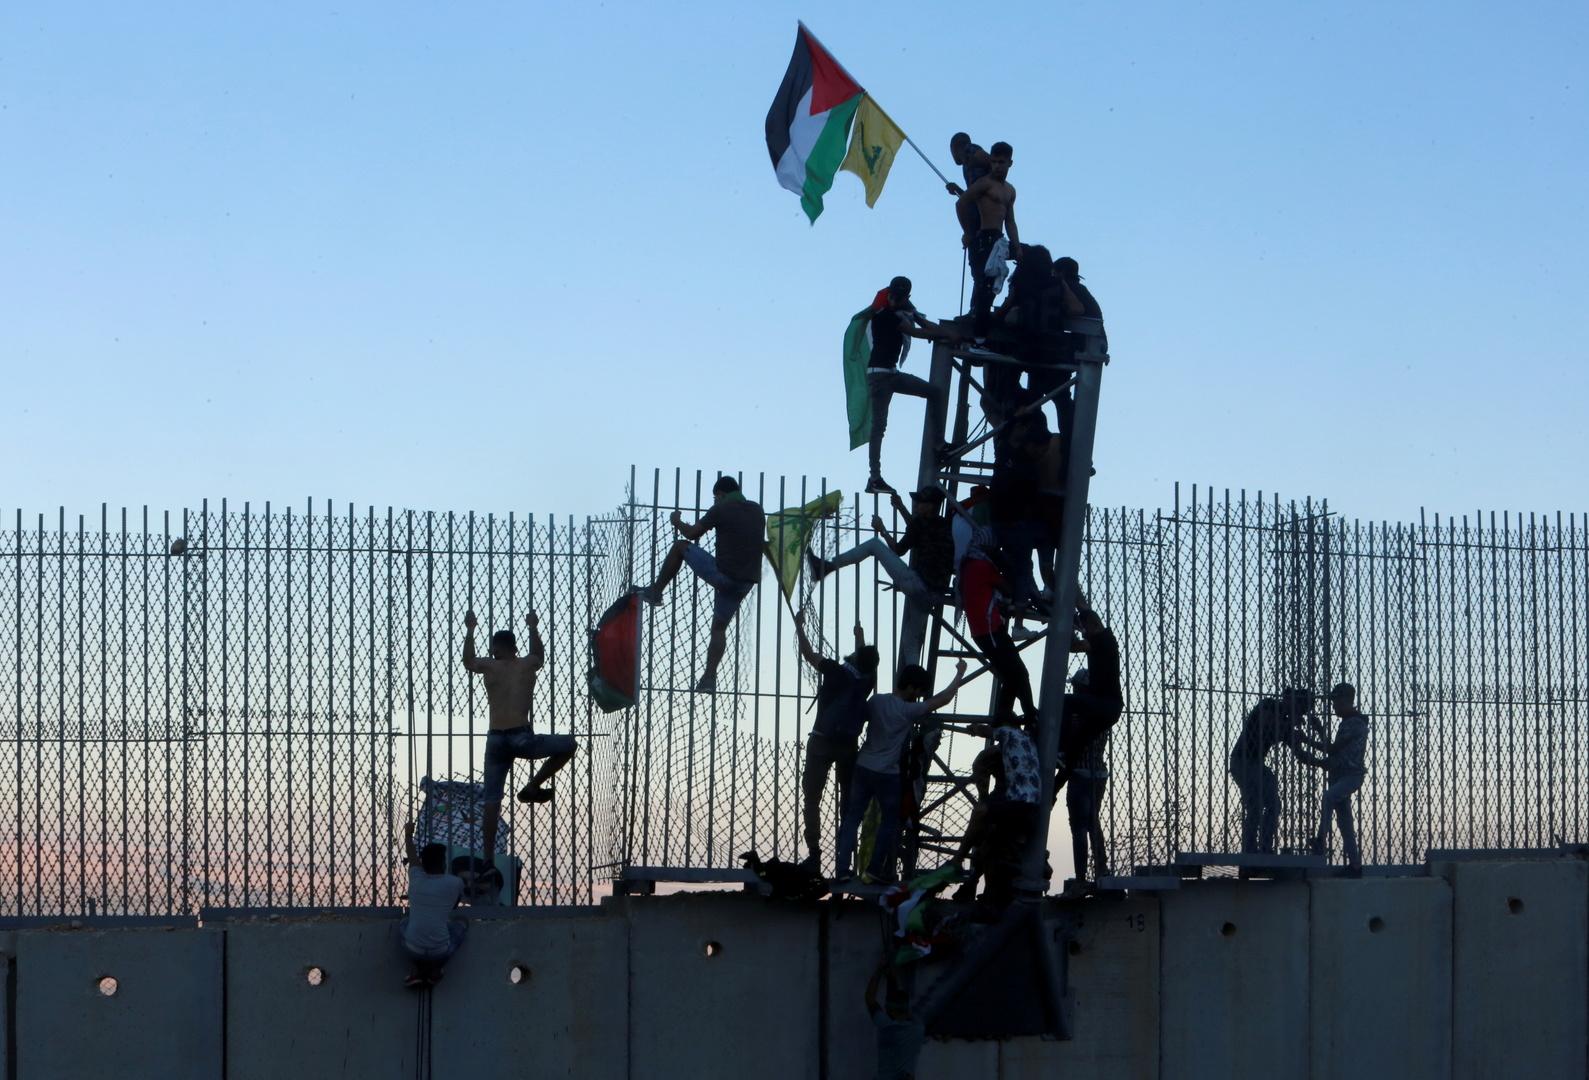 محاولات تسلل من لبنان والأردن إلى إسرائيل